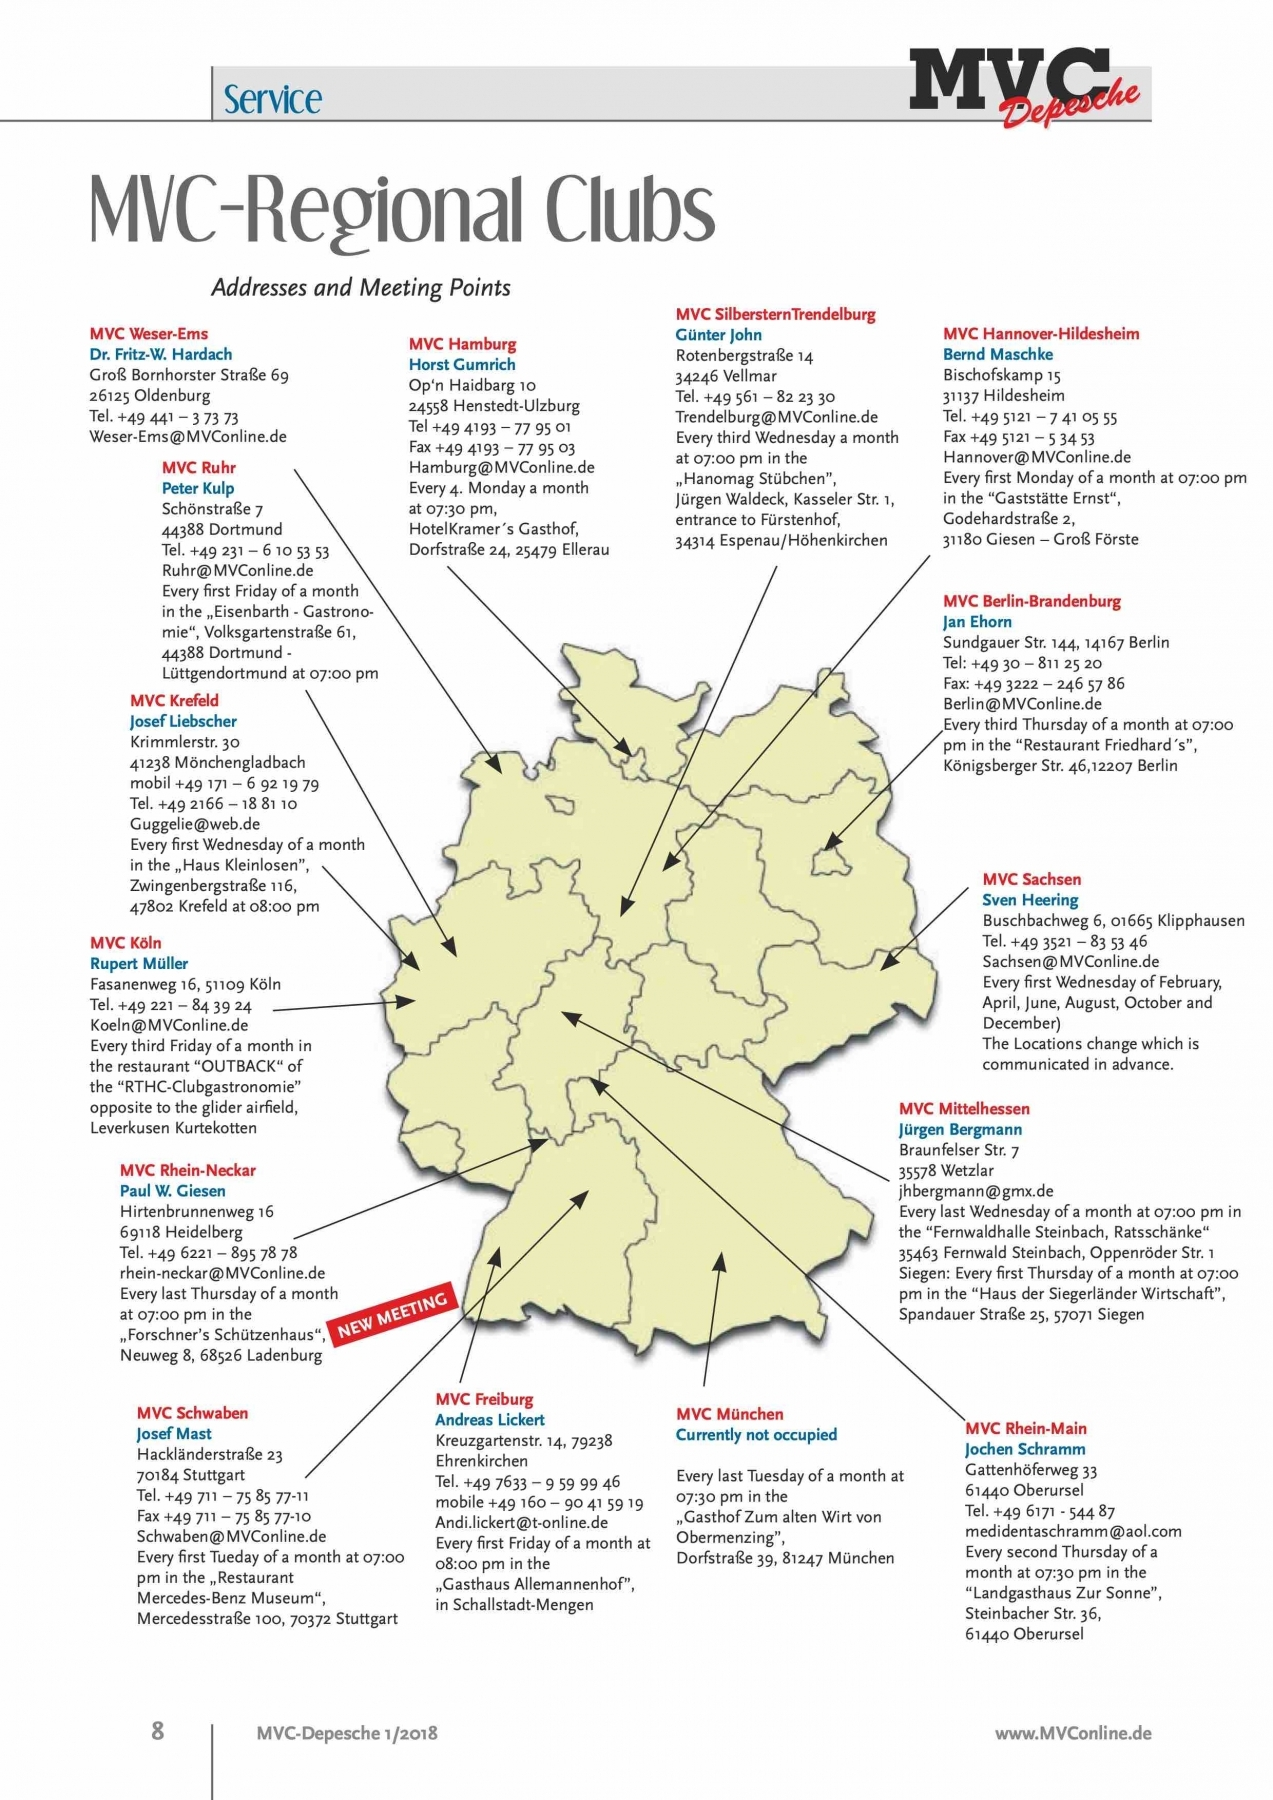 MVC_depesche_18-1_180705englisch-108